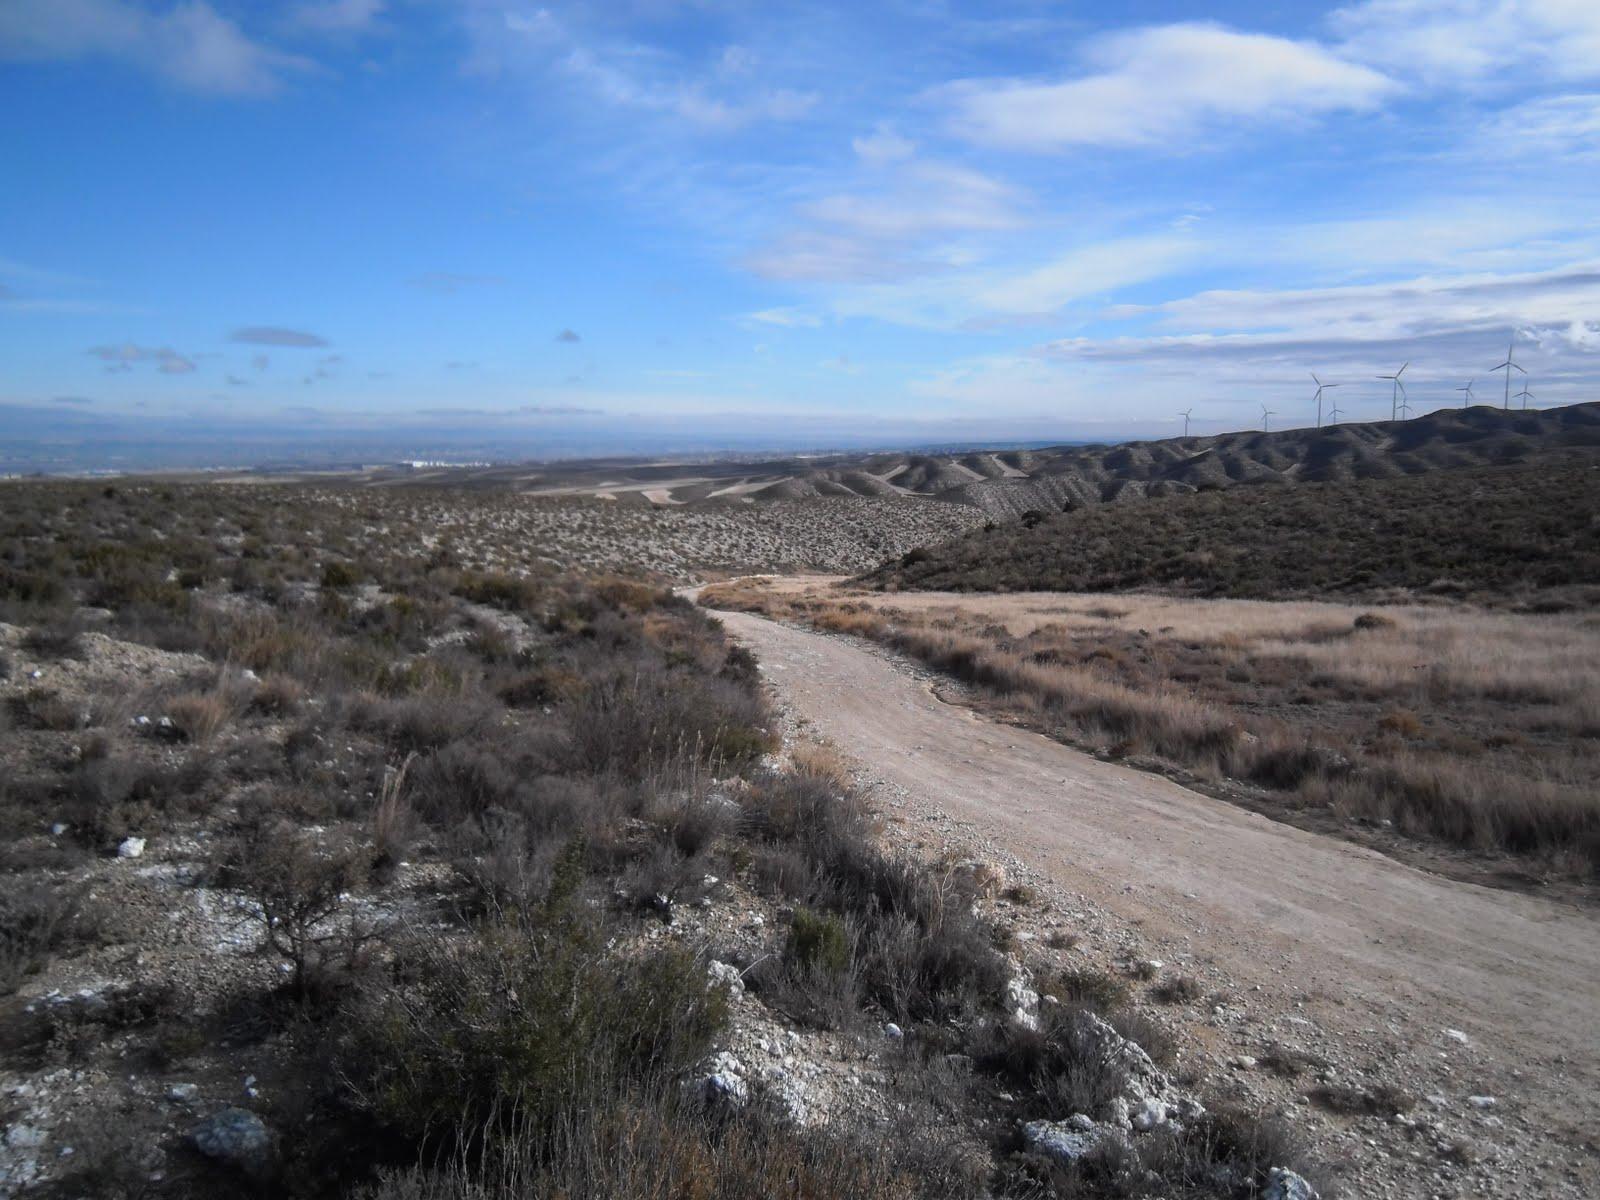 Aventura arag n 9 12 2010 ruta btt en solitario zaragoza barrancos de cabras y monta es - Casa montanes zaragoza ...